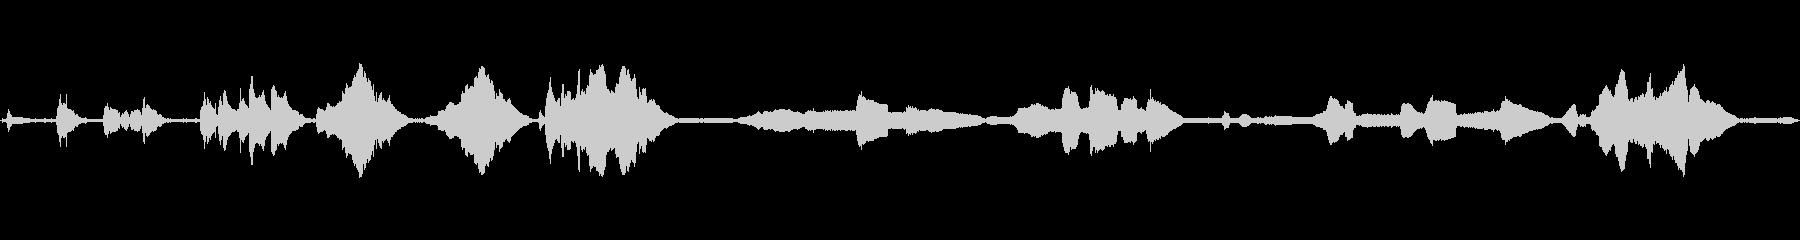 アコードのオンボード-エンジン、始...の未再生の波形